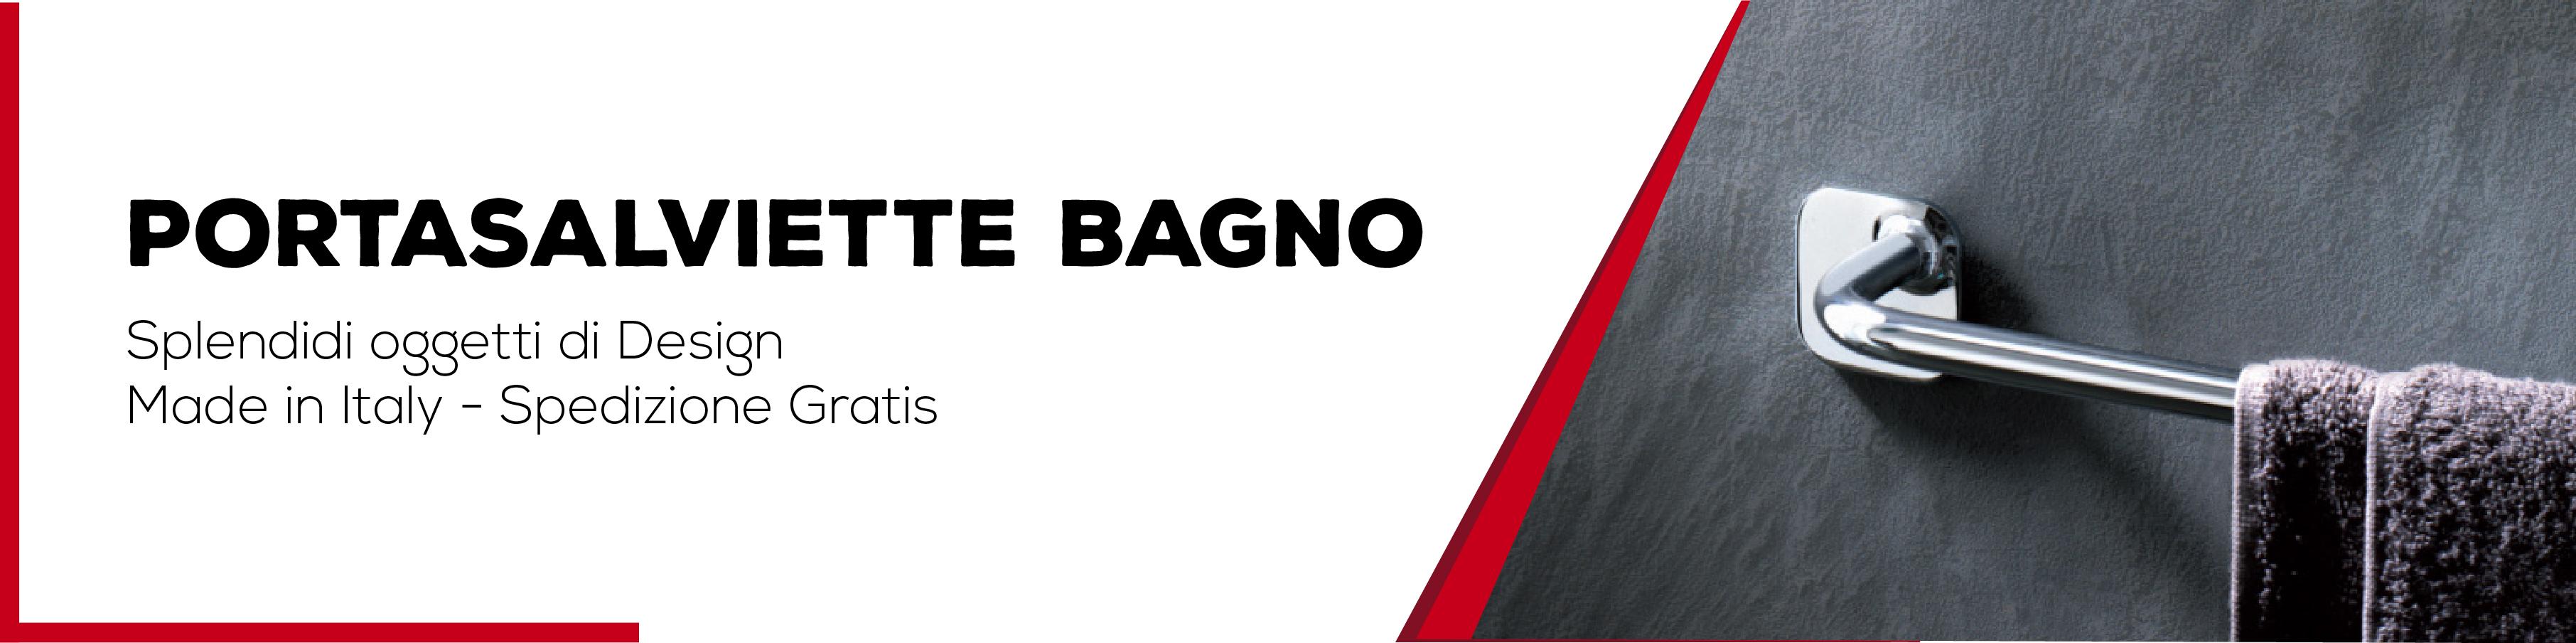 Portasalviette Bagno - Bagno Italiano